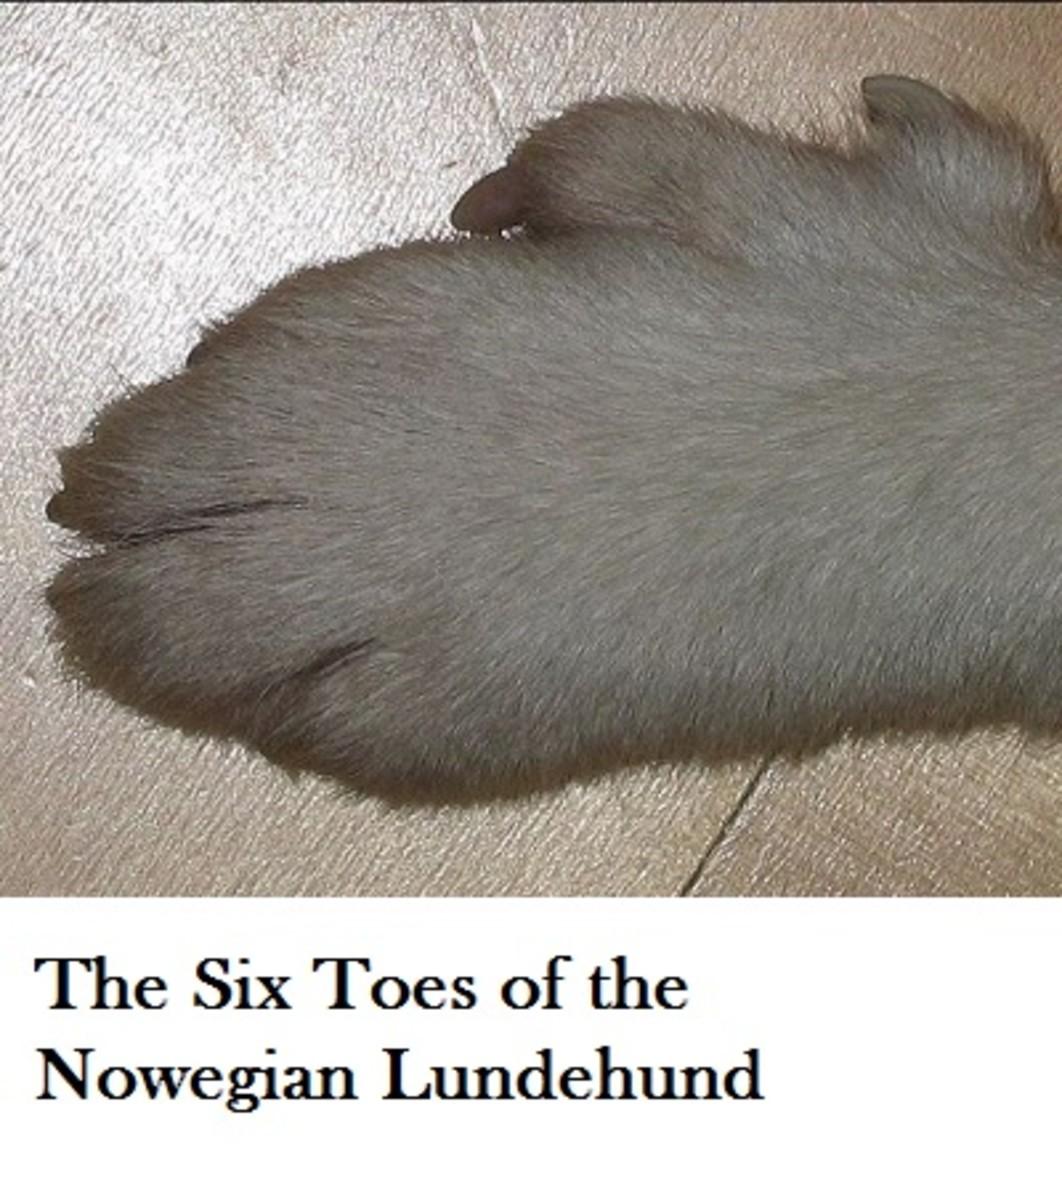 lundehunde